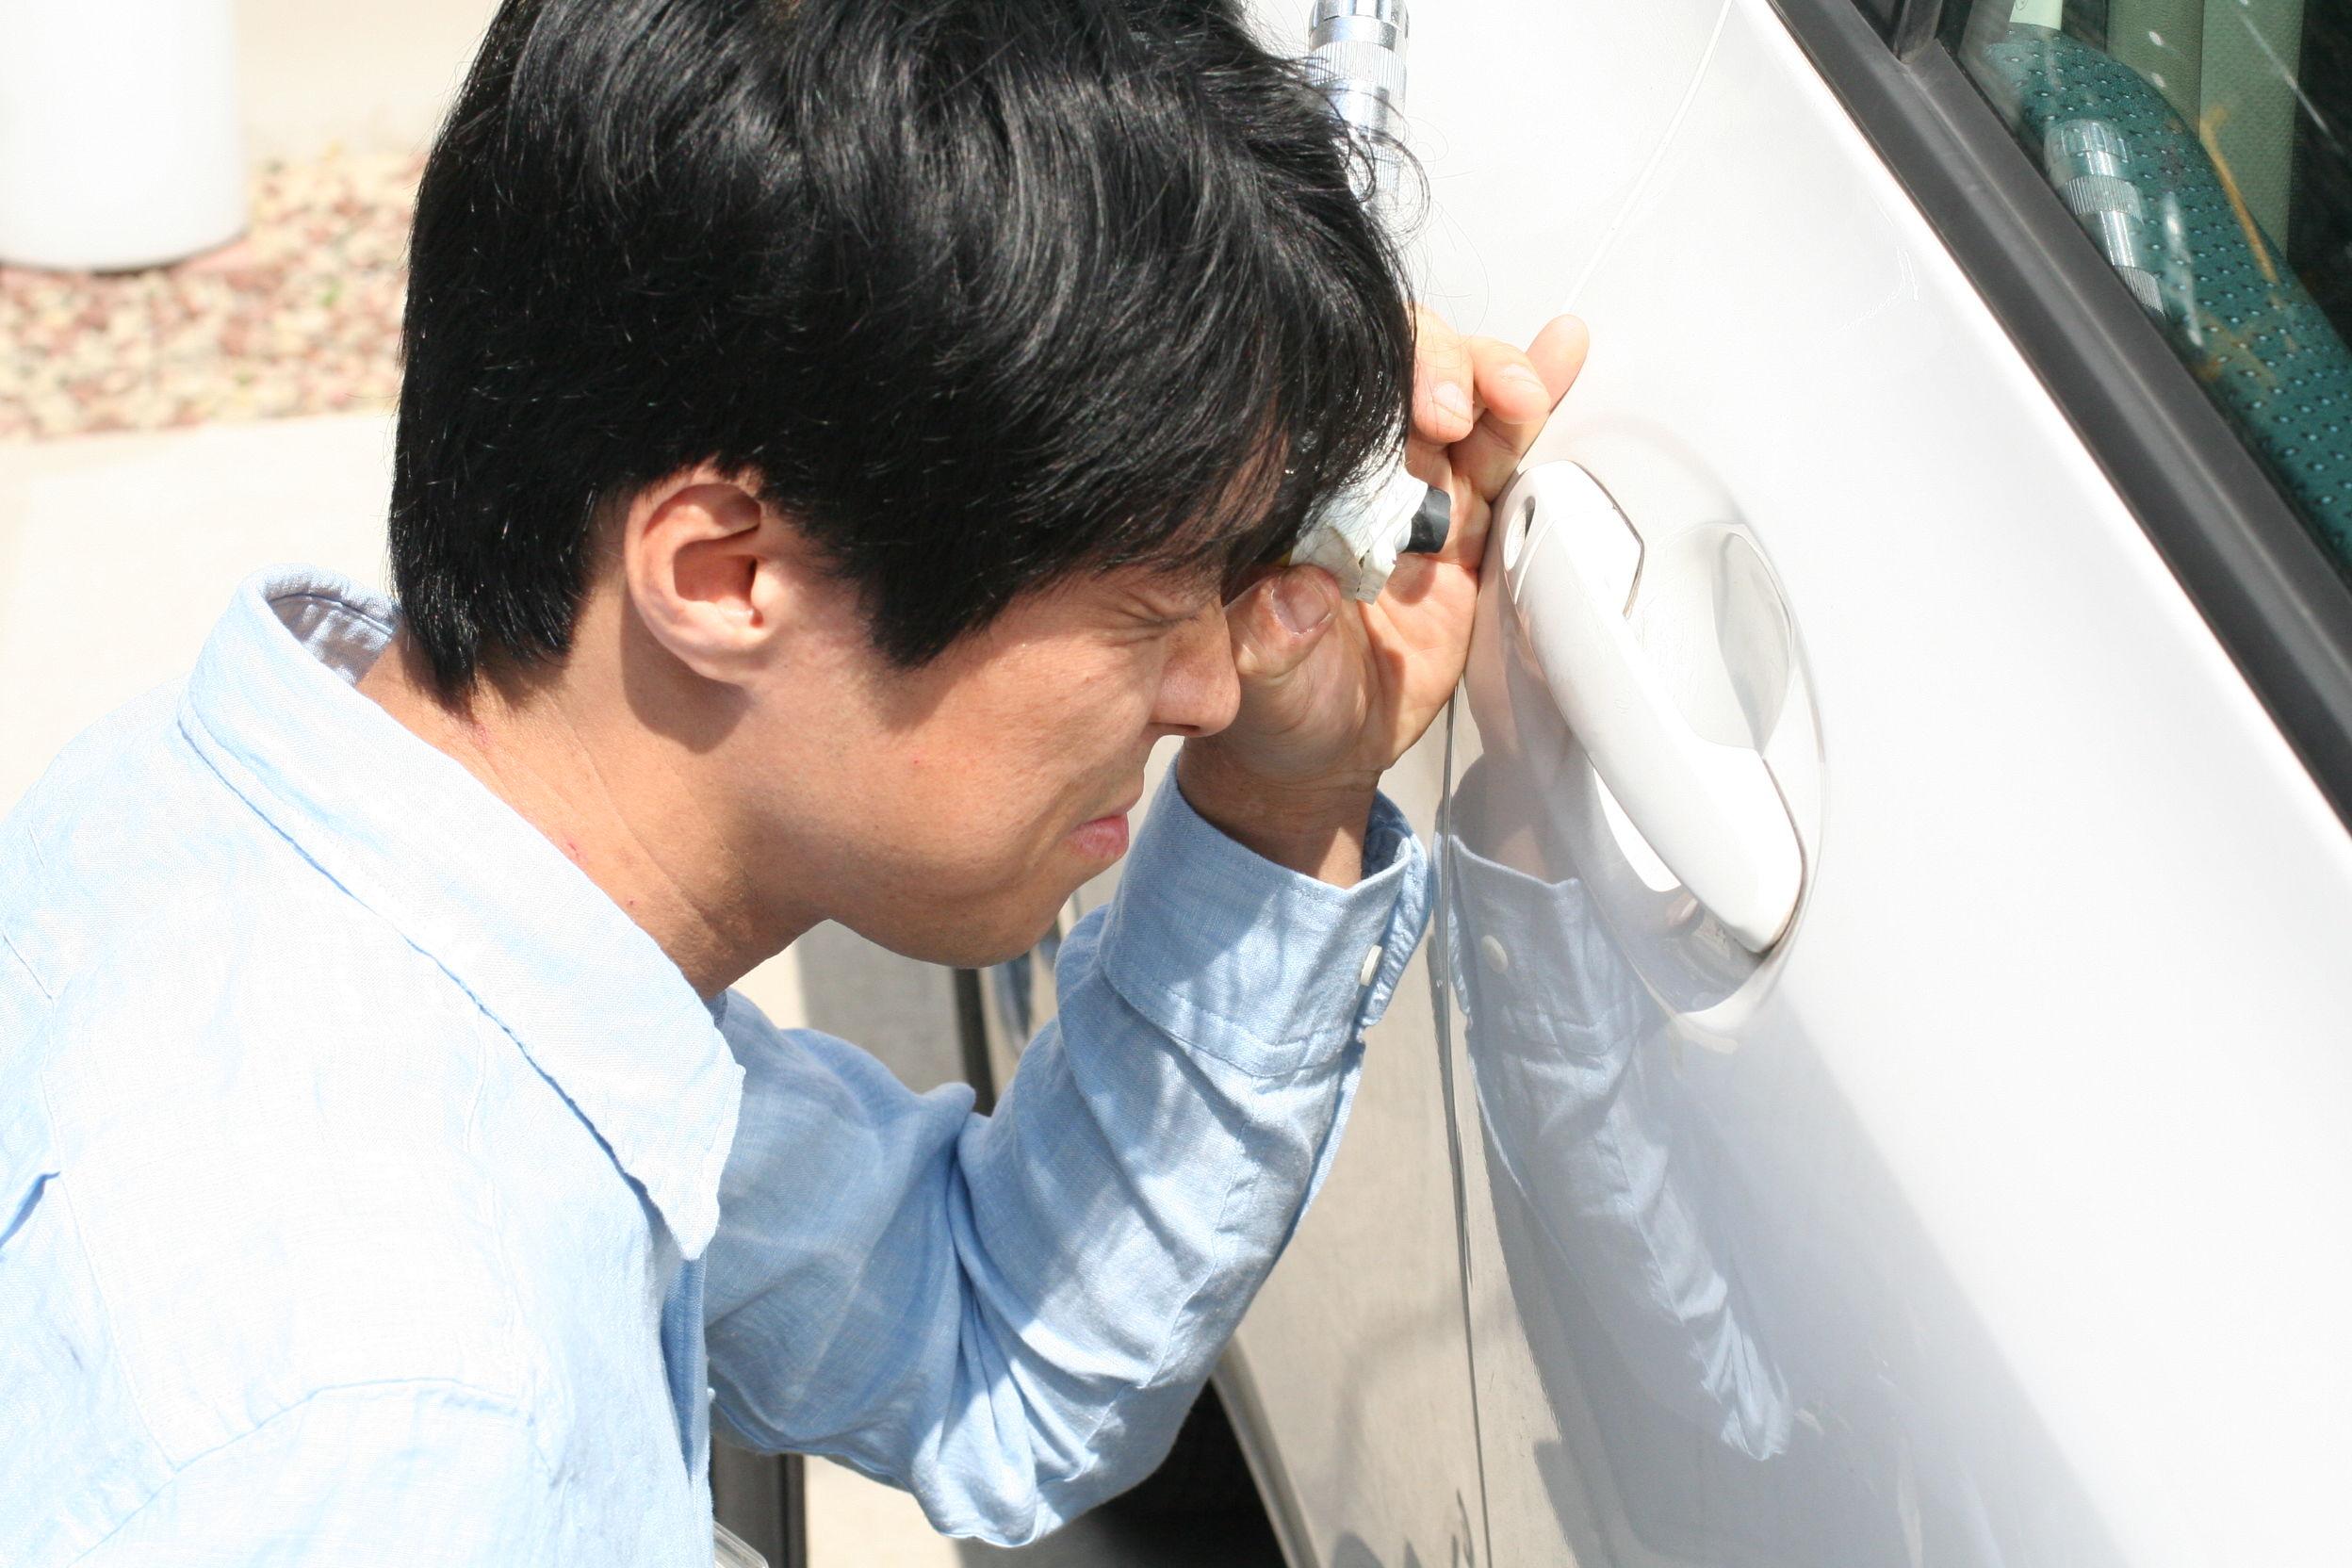 カギのトラブル救Q隊.24【加古川市 出張エリア】のメイン画像